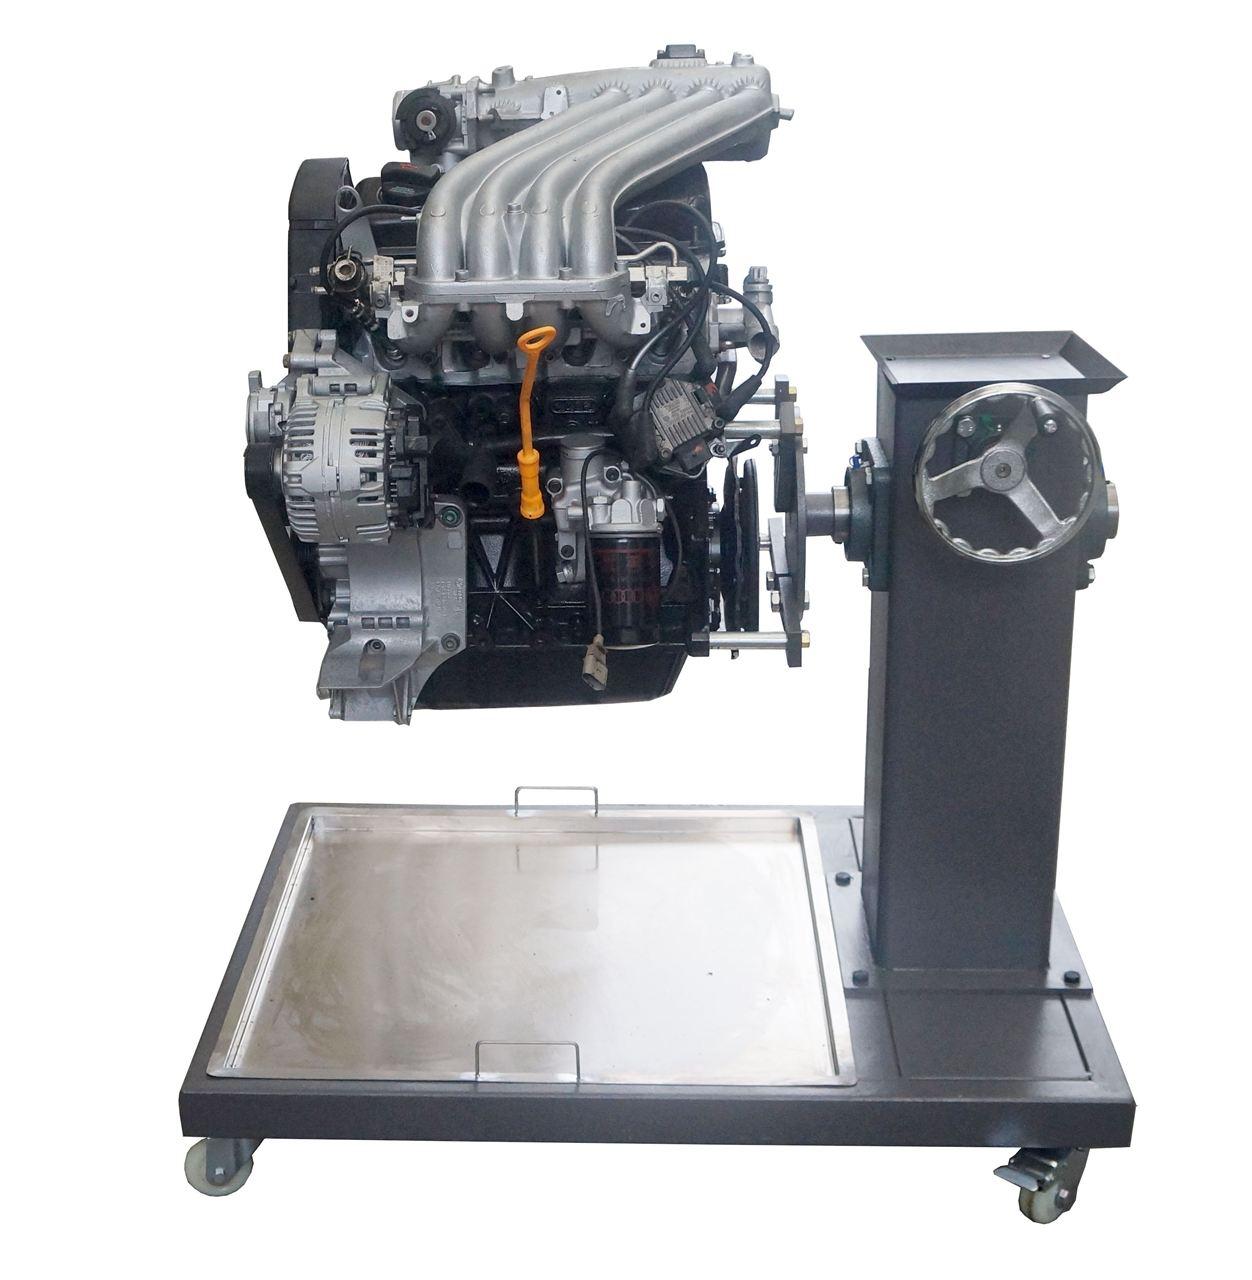 cs2017 汽车发动机翻转架 拆装维修实训台 维修支架托架 汽车教学设备